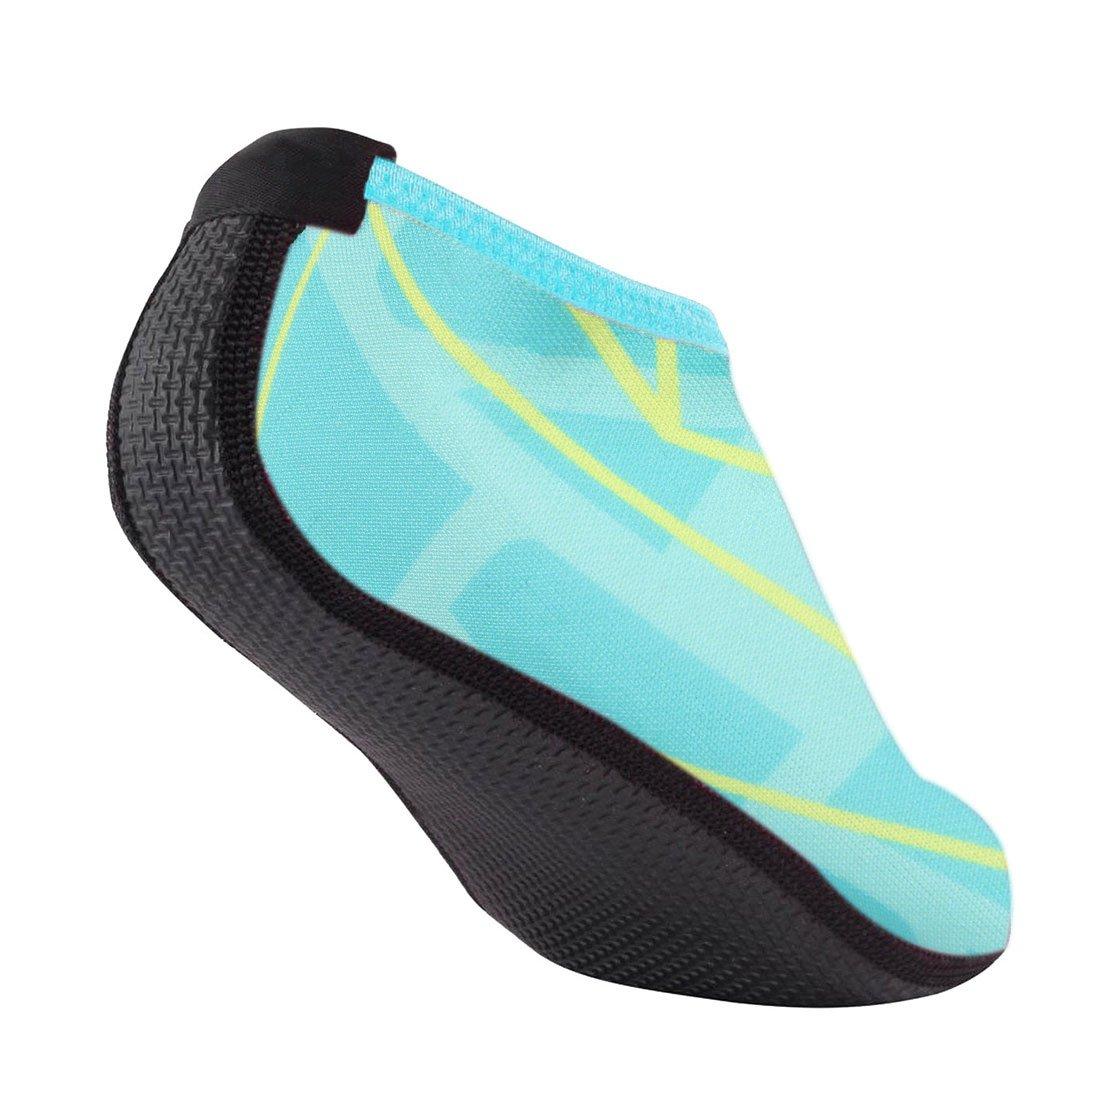 Zapatos de agua descalzo Nlife M -XXXL) Cyan Calcetines Aqua para la  piscina de surf en la playa Swim Yoga aeróbicos (hombres y mujeres 42712fb1612